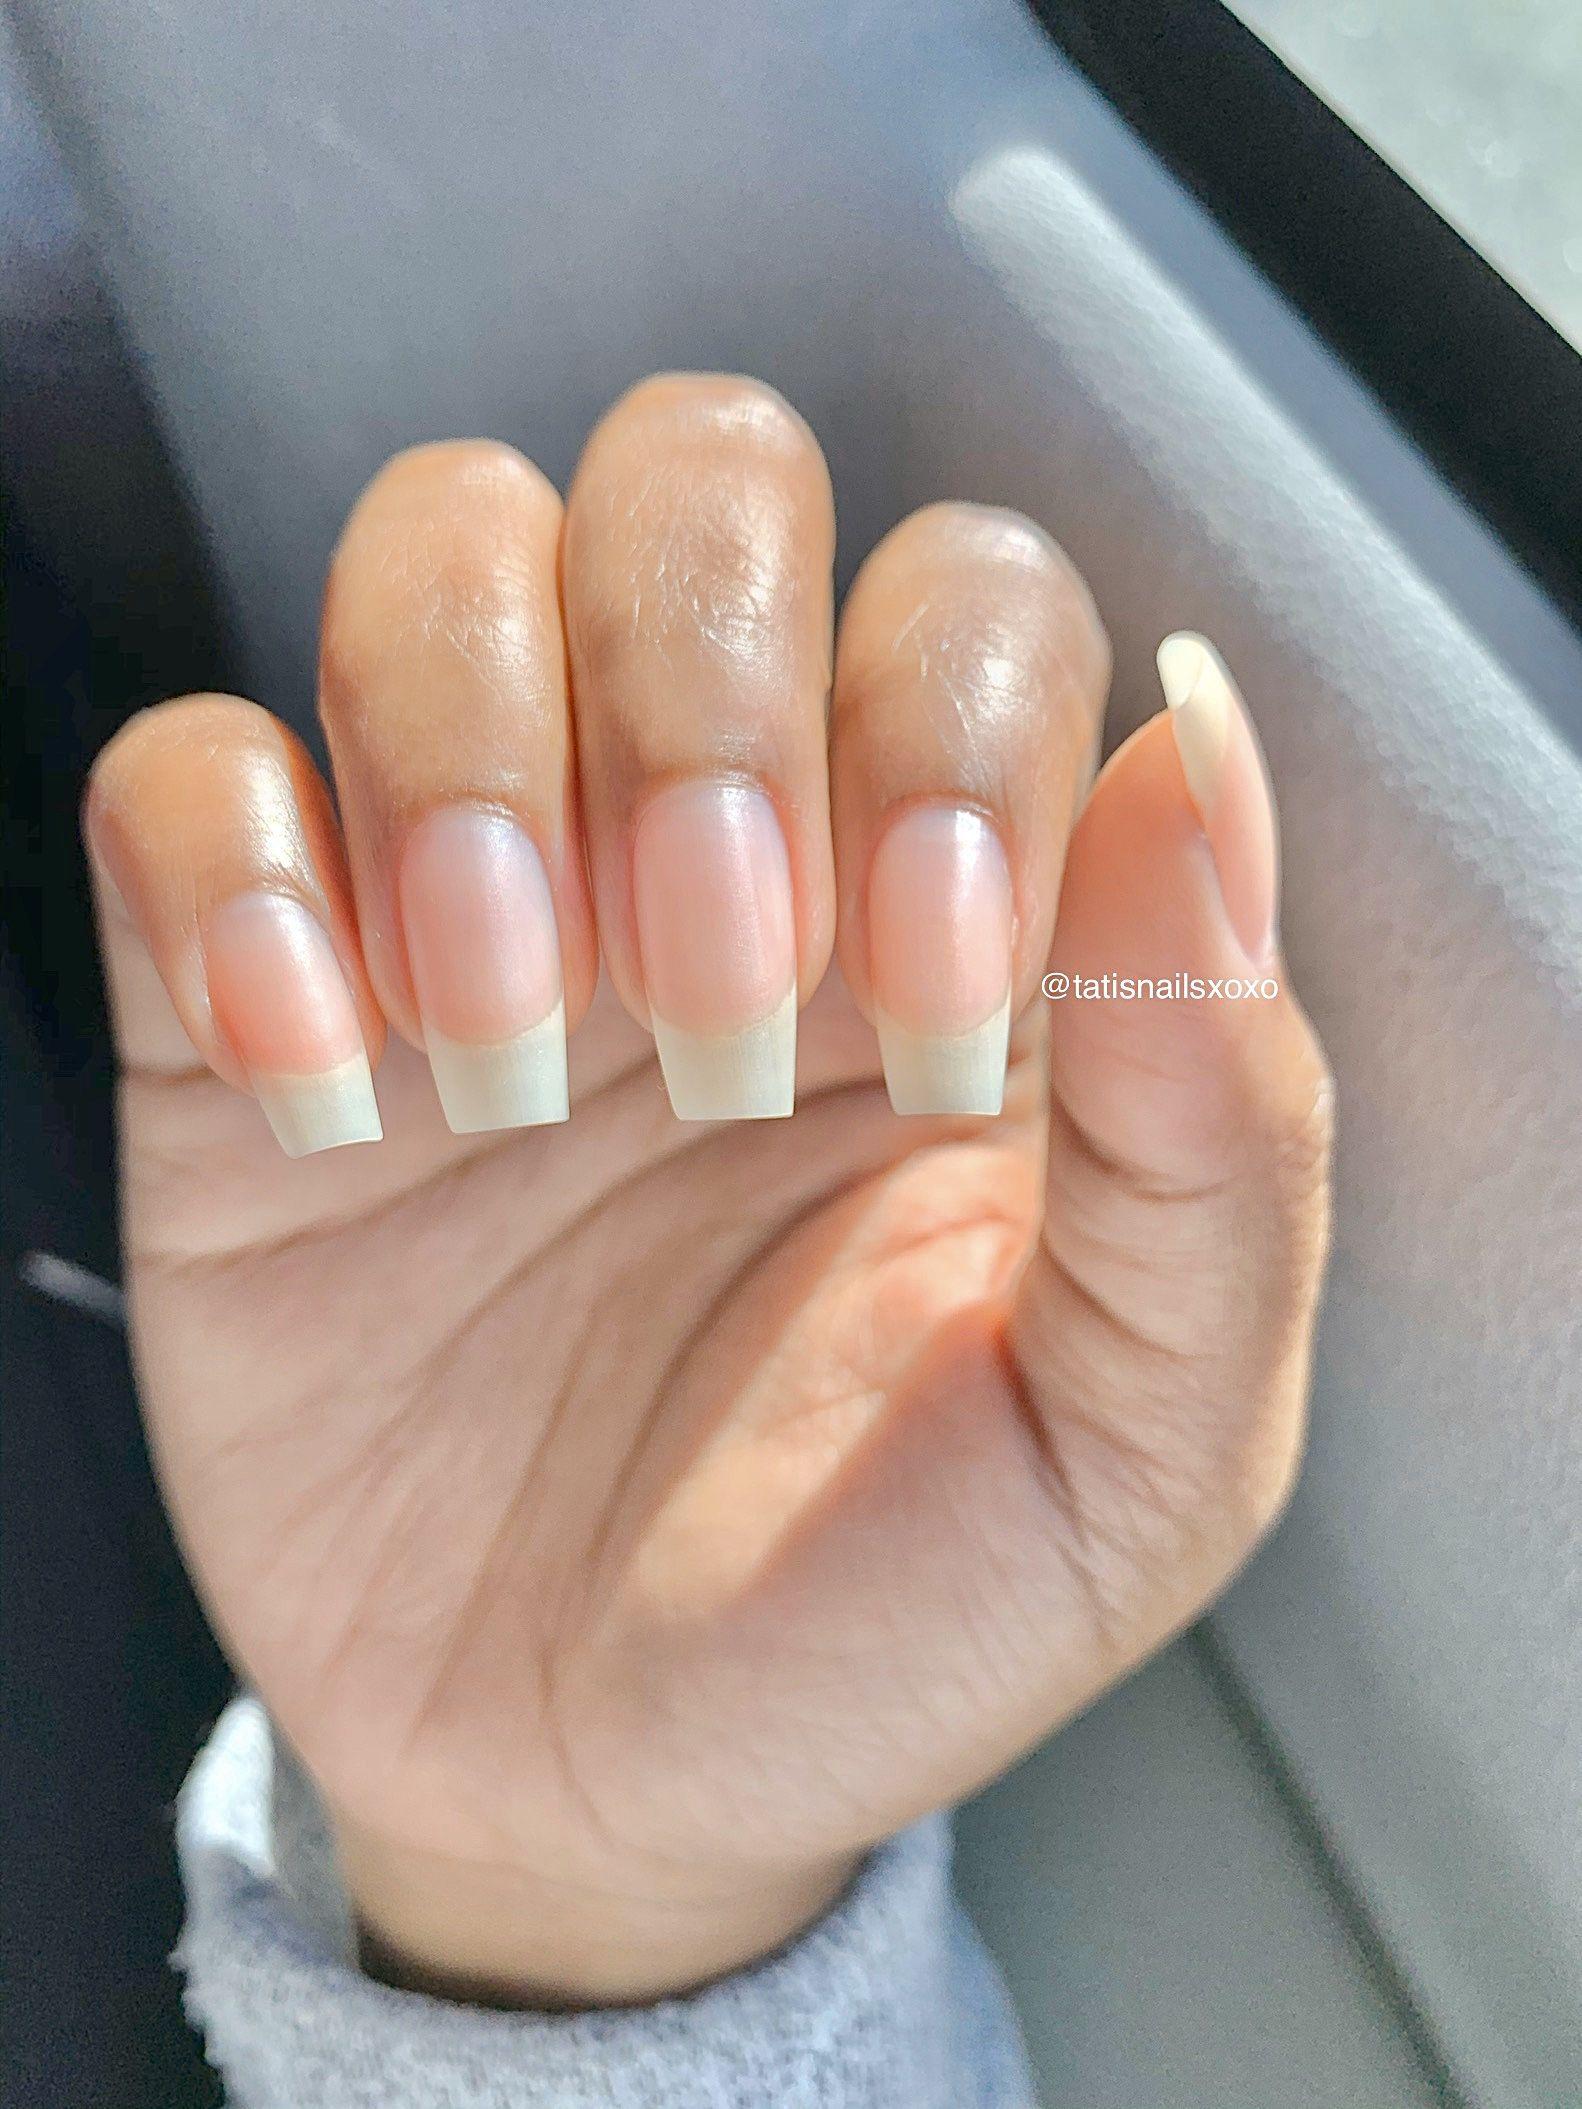 Natural Nails Ig Tatisnailsxoxo In 2020 Natural Nails Manicure Long Natural Nails Strong Nails